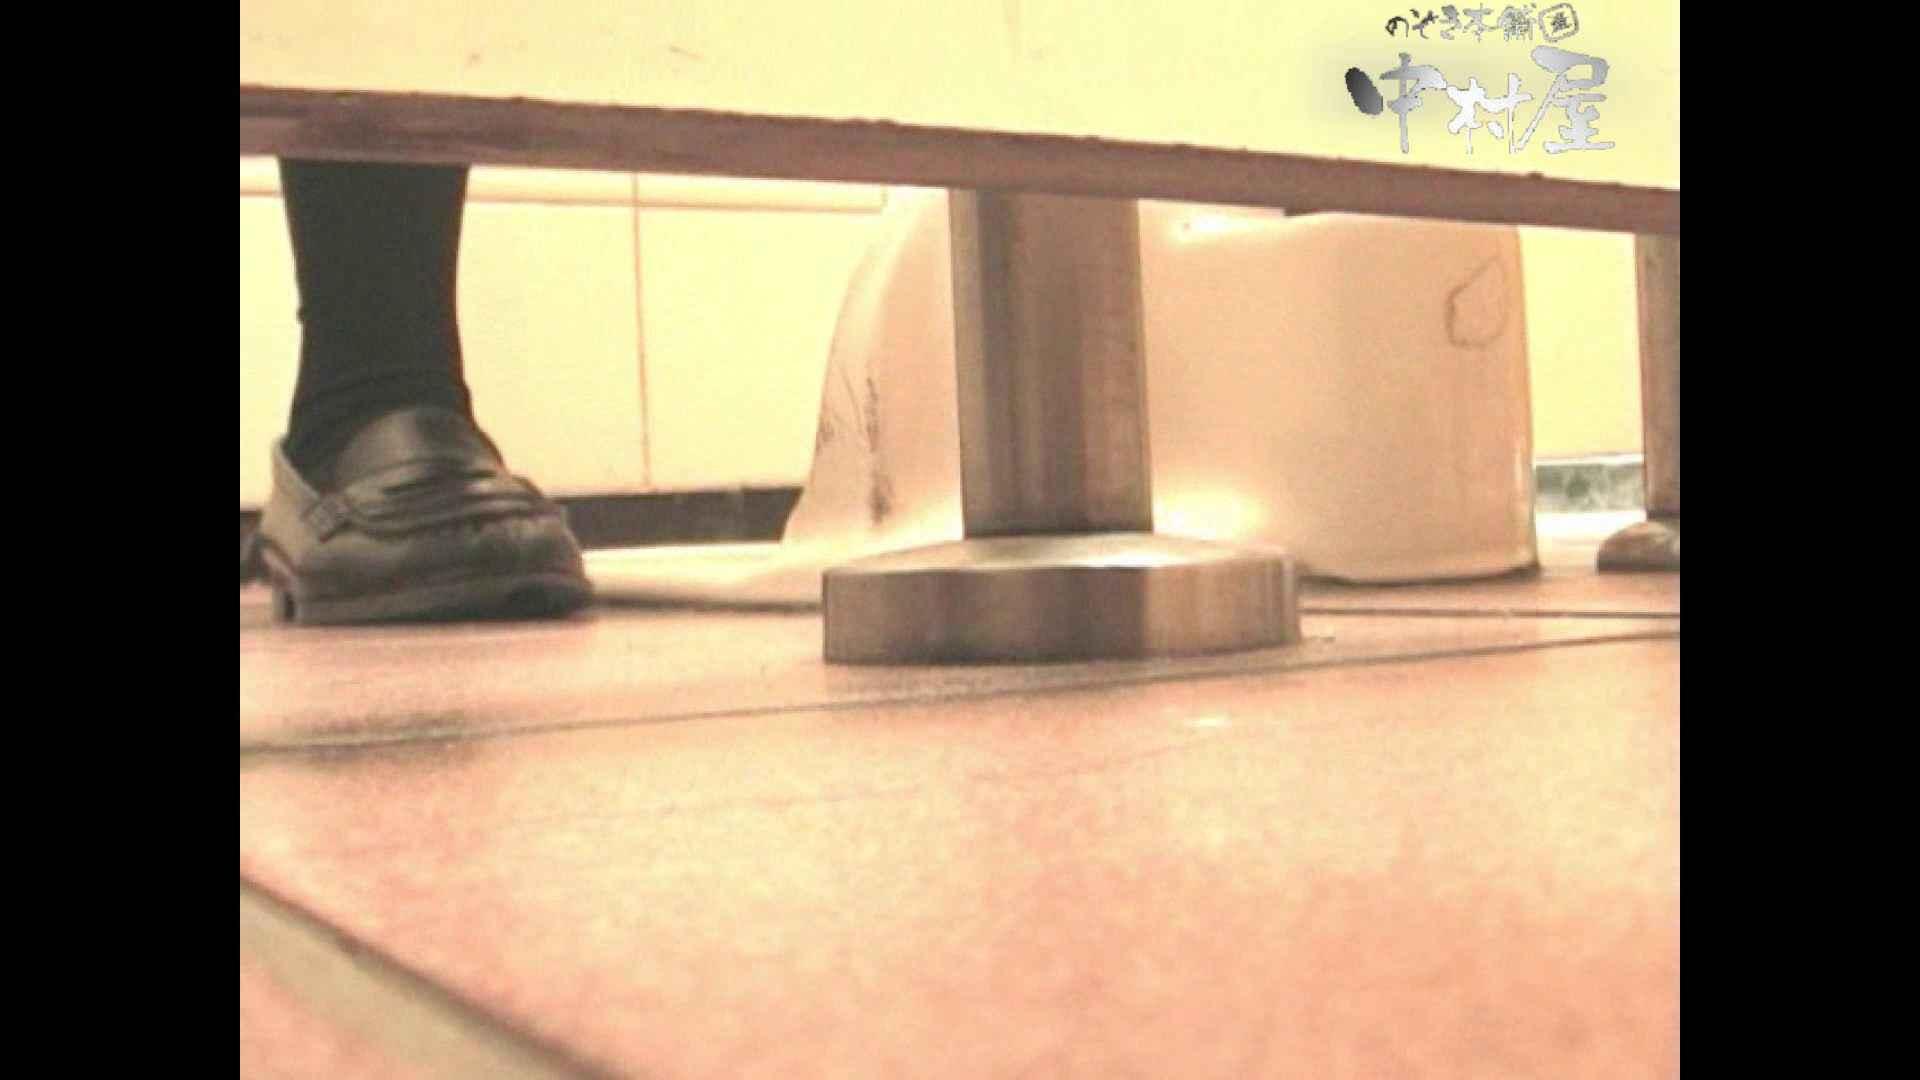 岩手県在住盗撮師盗撮記録vol.05 厠 盗み撮りSEX無修正画像 51連発 12